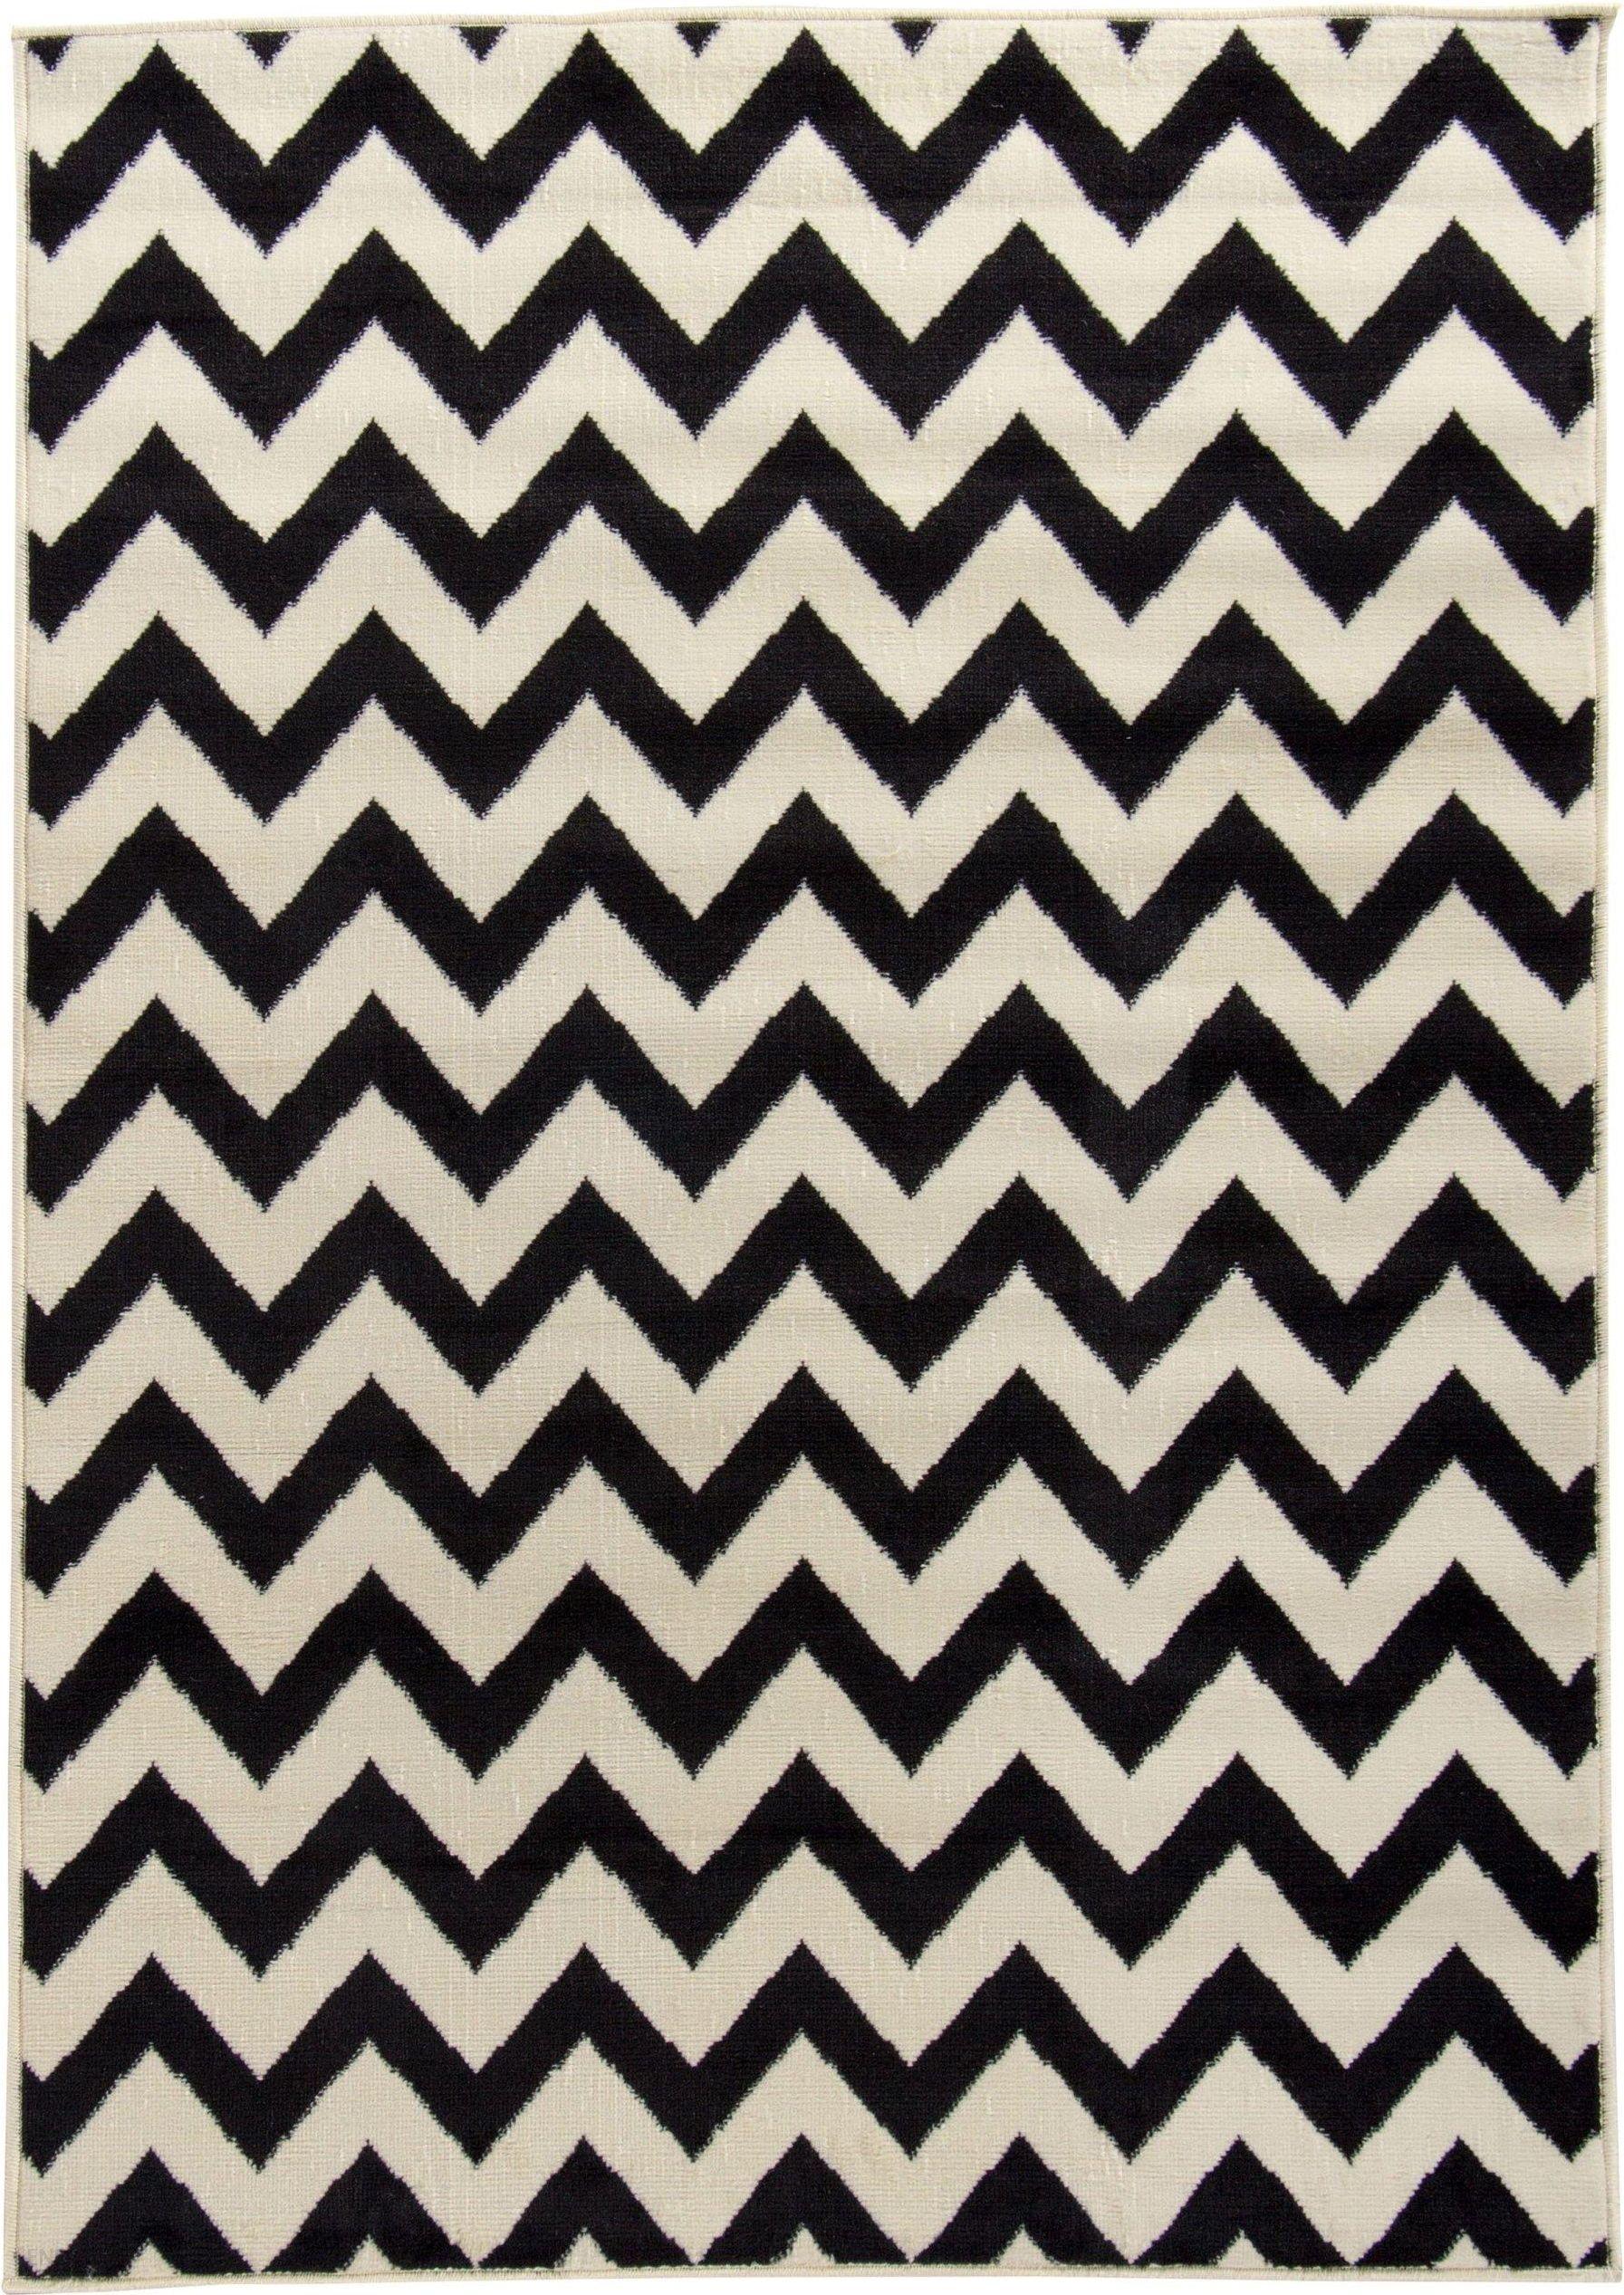 Dywan biało czarny turecki 180x250 jodełka design zdjęcie 1